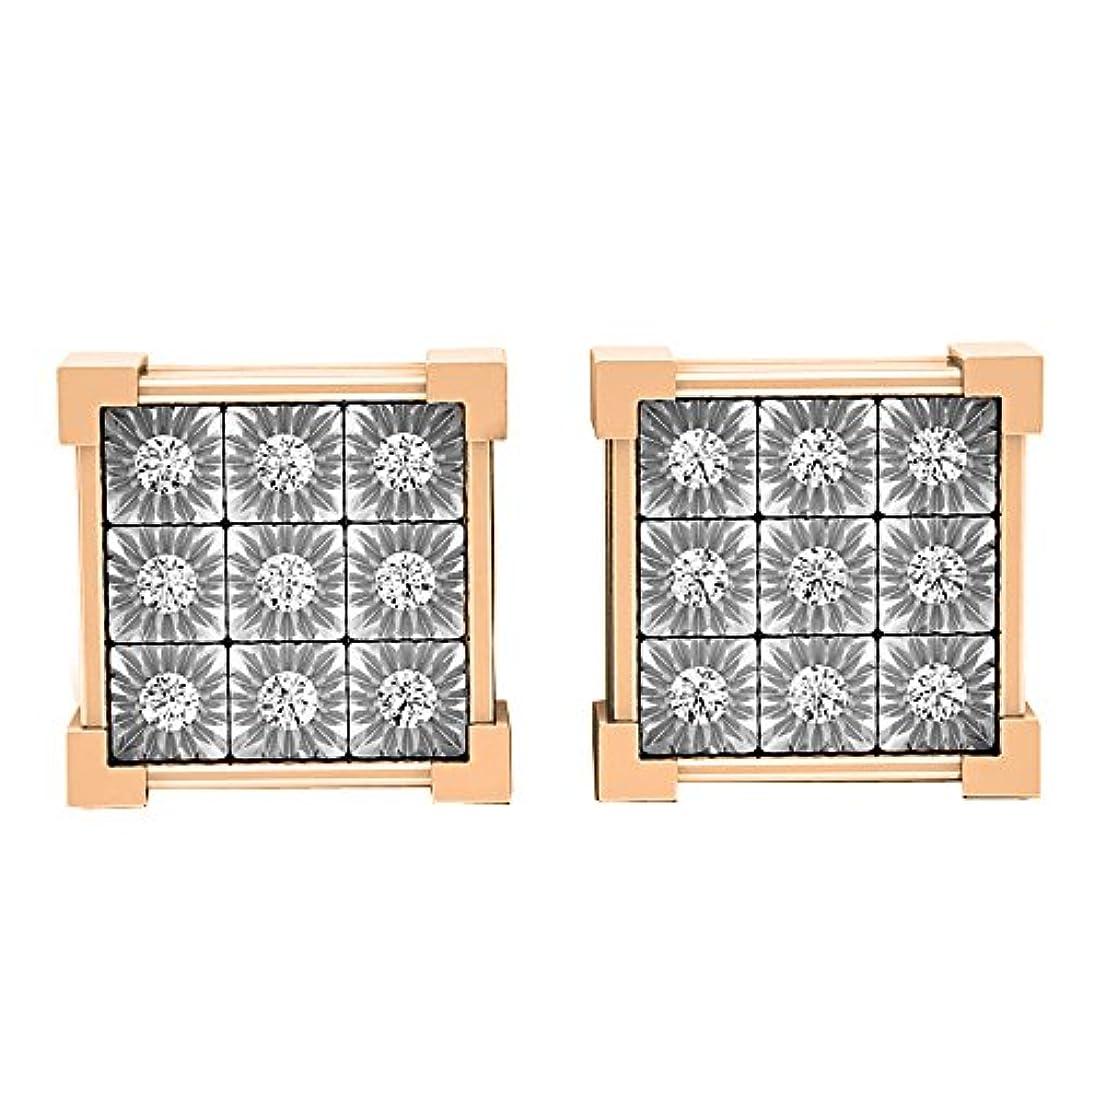 ようこそ聞くコントラスト0.20カラット(CTW10 KゴールドラウンドダイヤモンドV Prong Square Shapeメンズヒップホップスタッドイヤリング1 / 5 ct